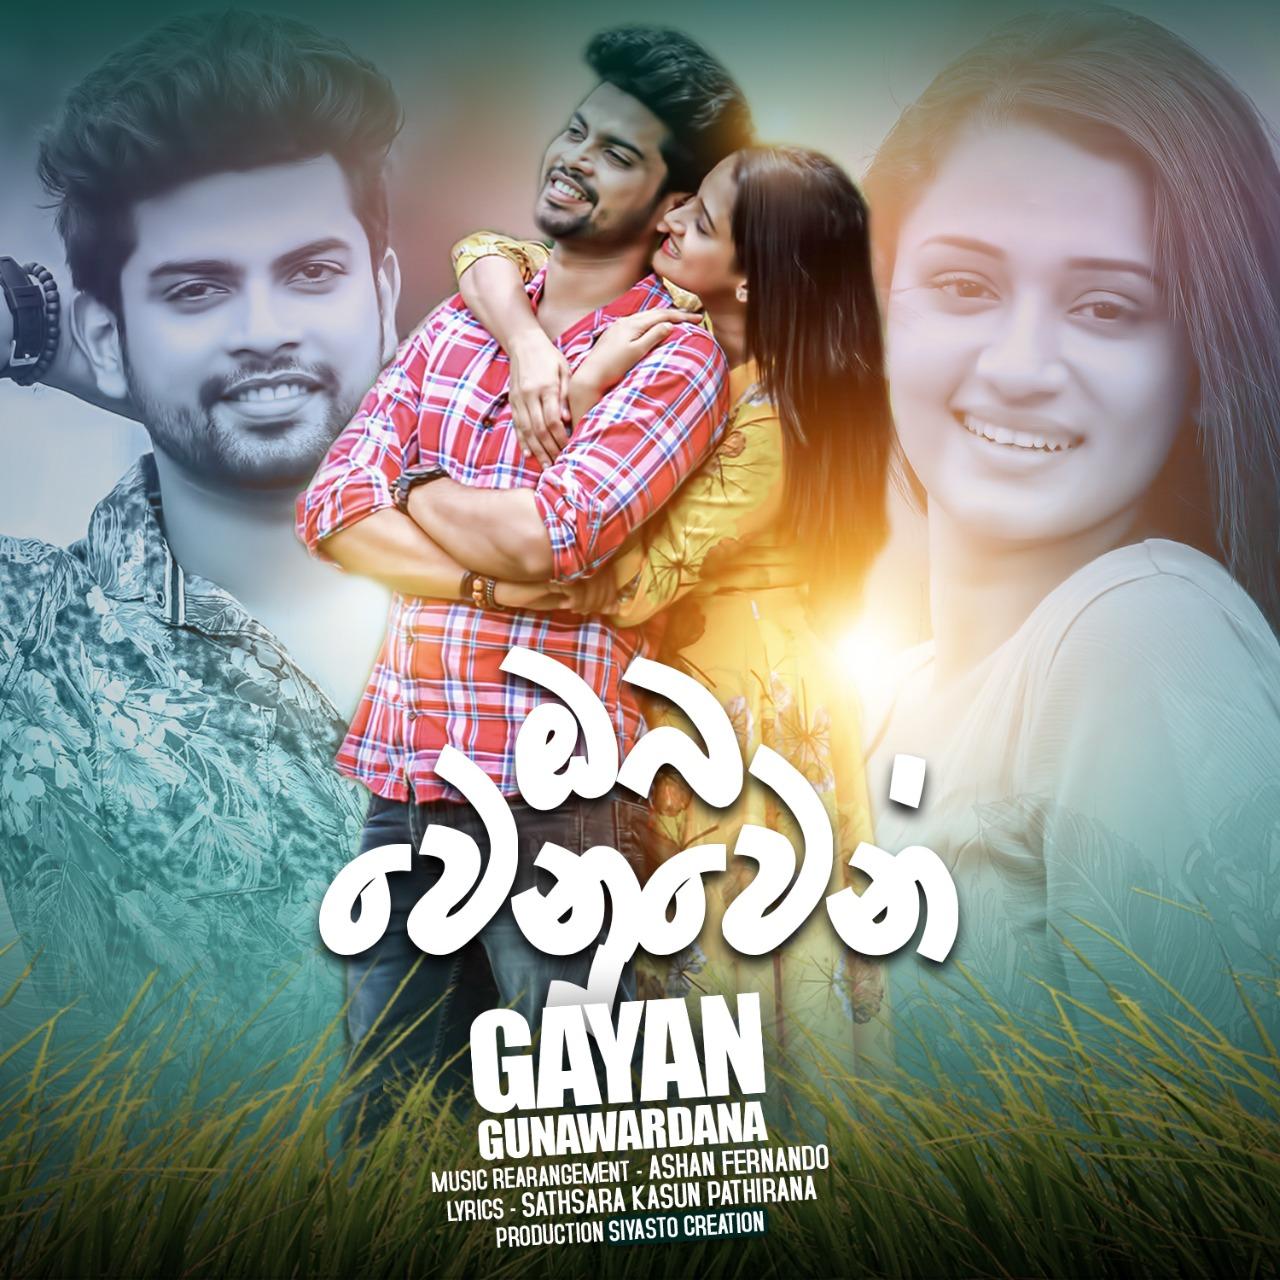 Oba Wenuwen song mp3 download, Oba Wenuwen Sinhala MP3 Song ~ Oba Wenuwen MP3 Free Download ...